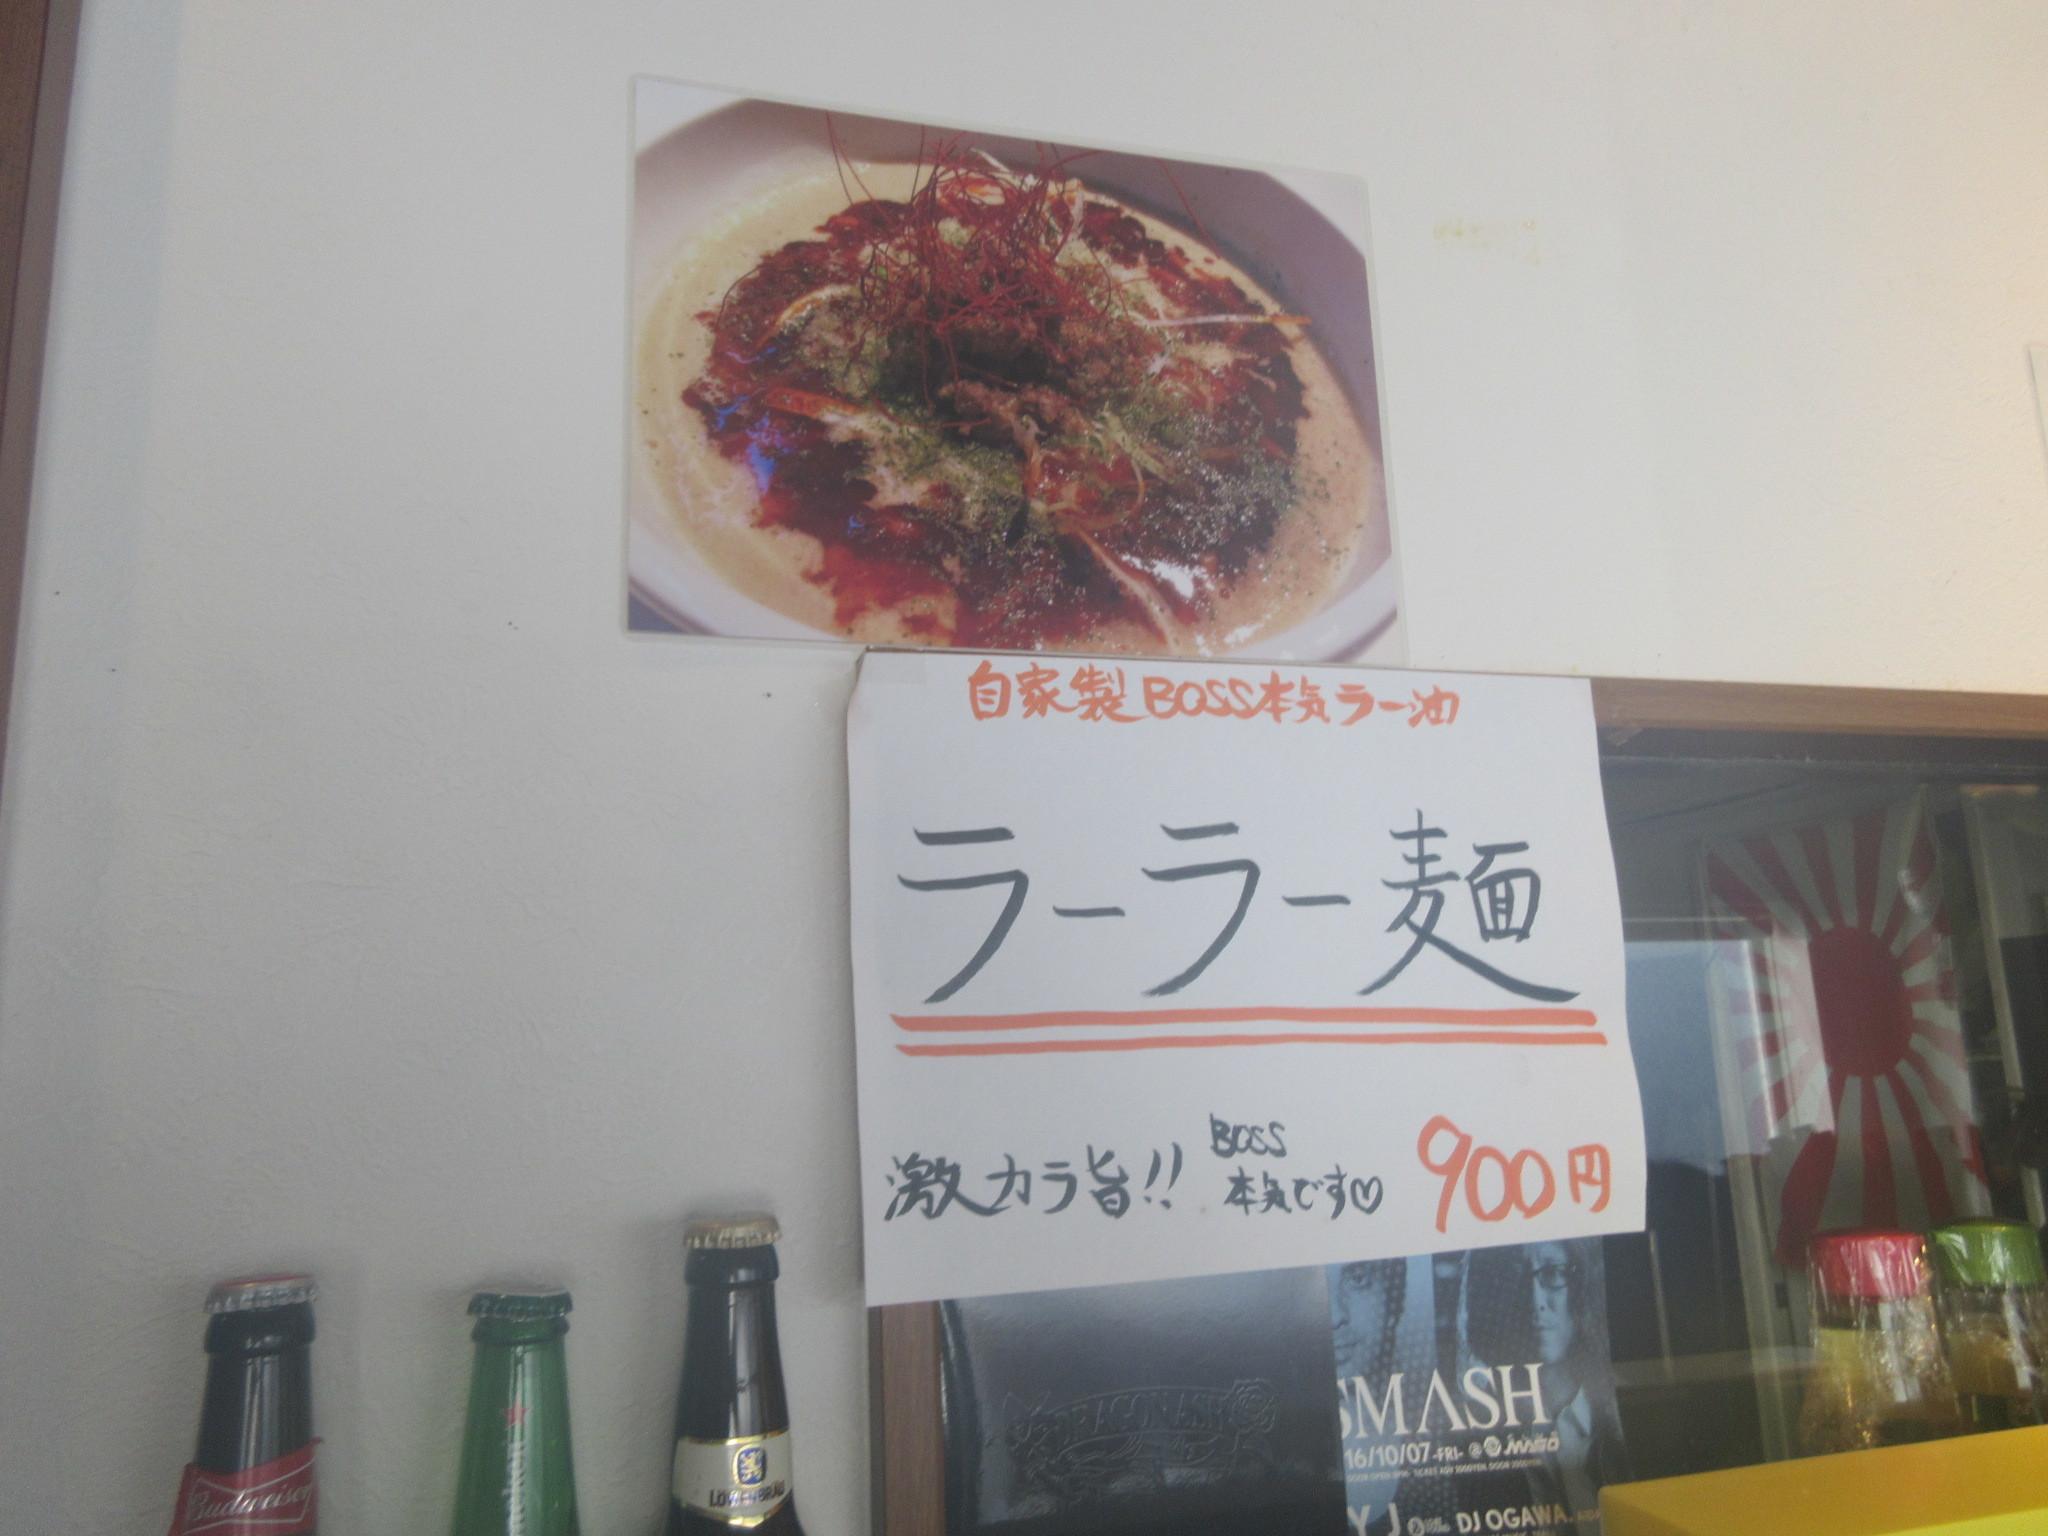 メニュー ラーラー麺